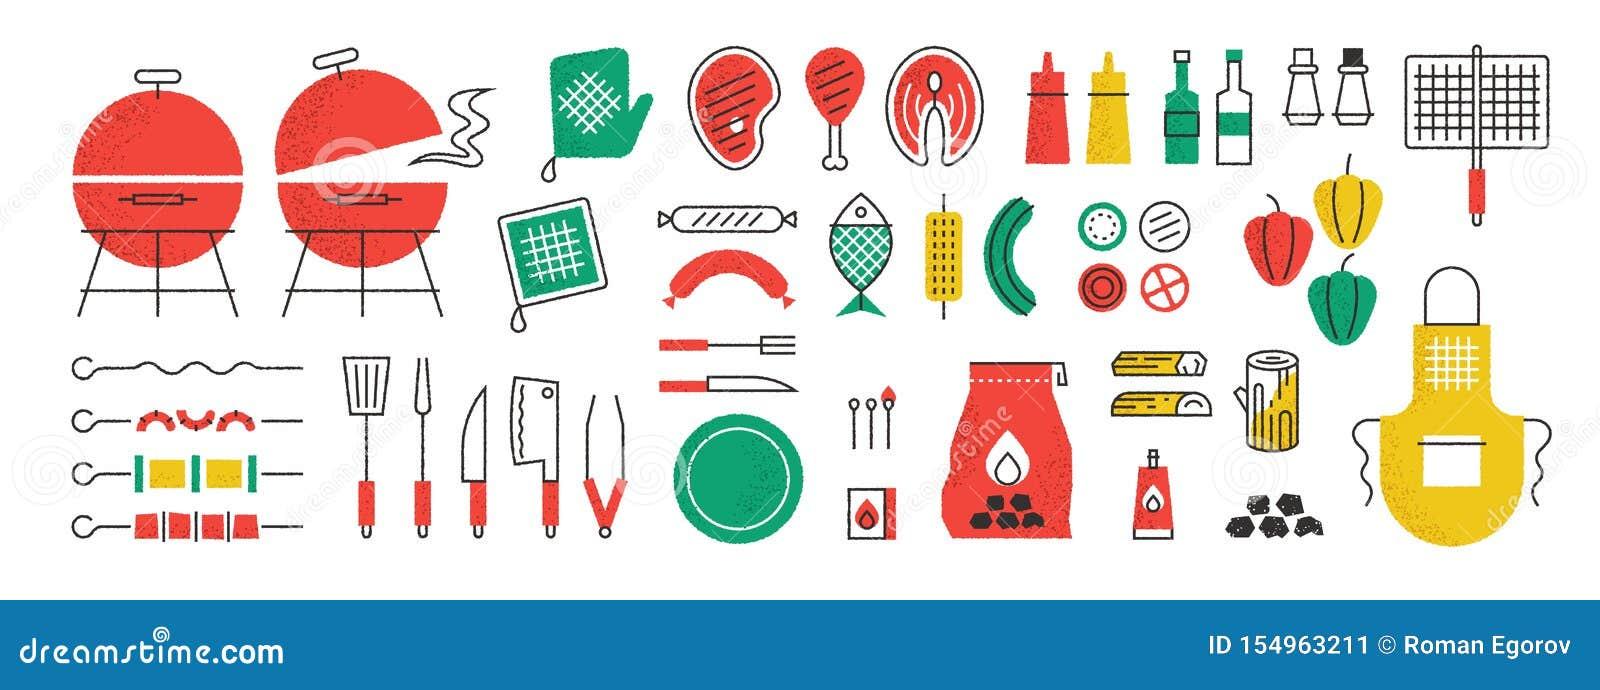 Iconos del Bbq y de la parrilla Comida campestre del verano con cocinar la reunión de la barbacoa y equipo de la cocina, espátula